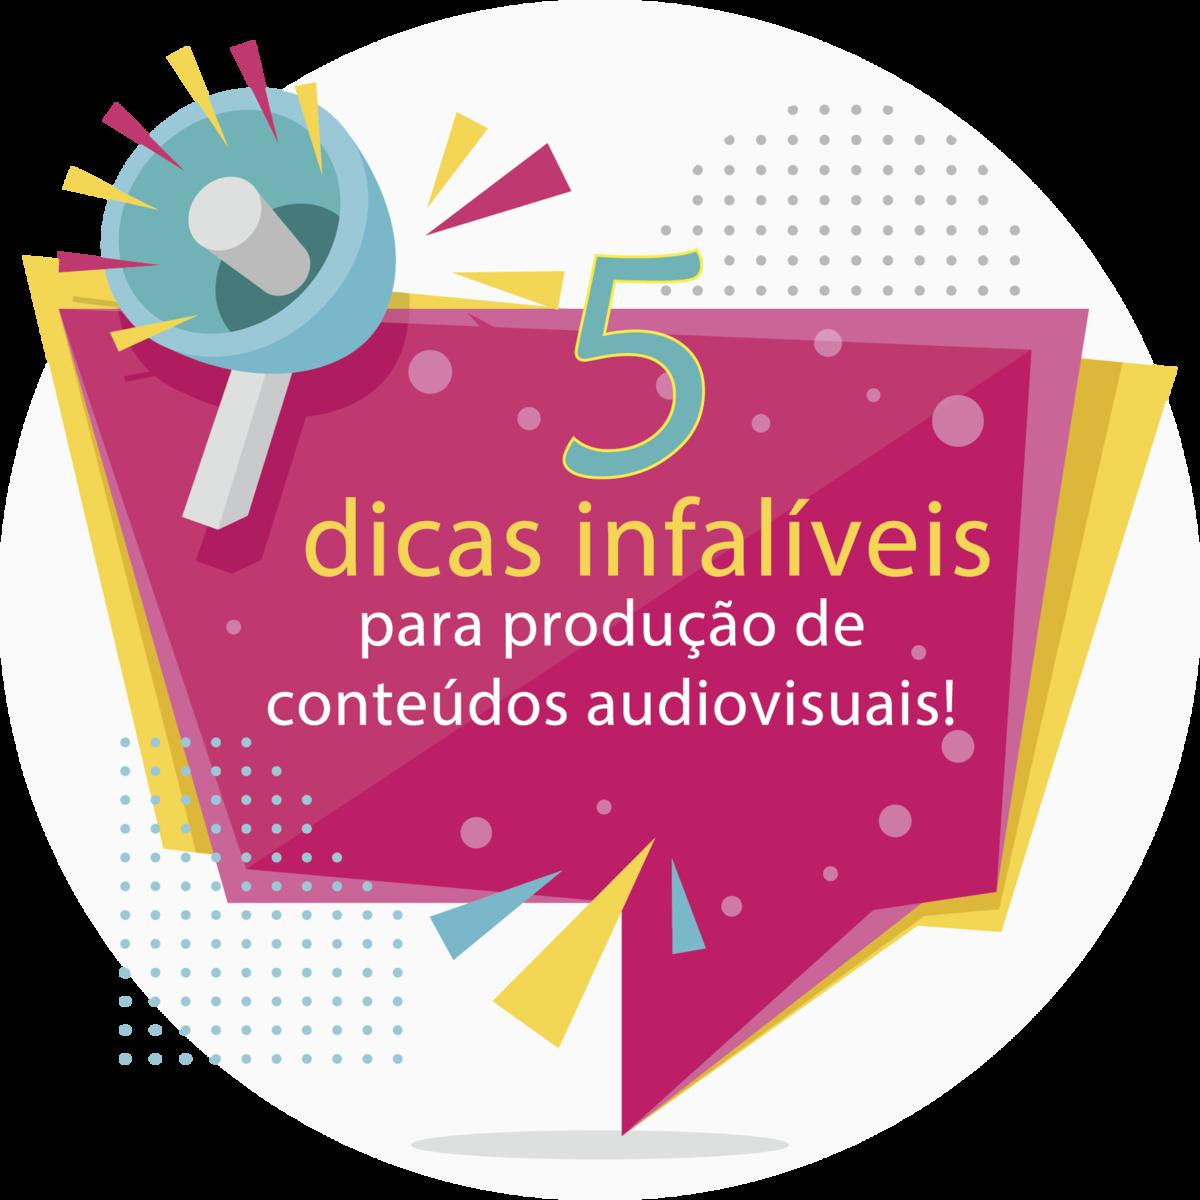 Imagem capa - 5 dicas infalíveis para produzir conteúdos audiovisuais! por Espelho Audiovisual